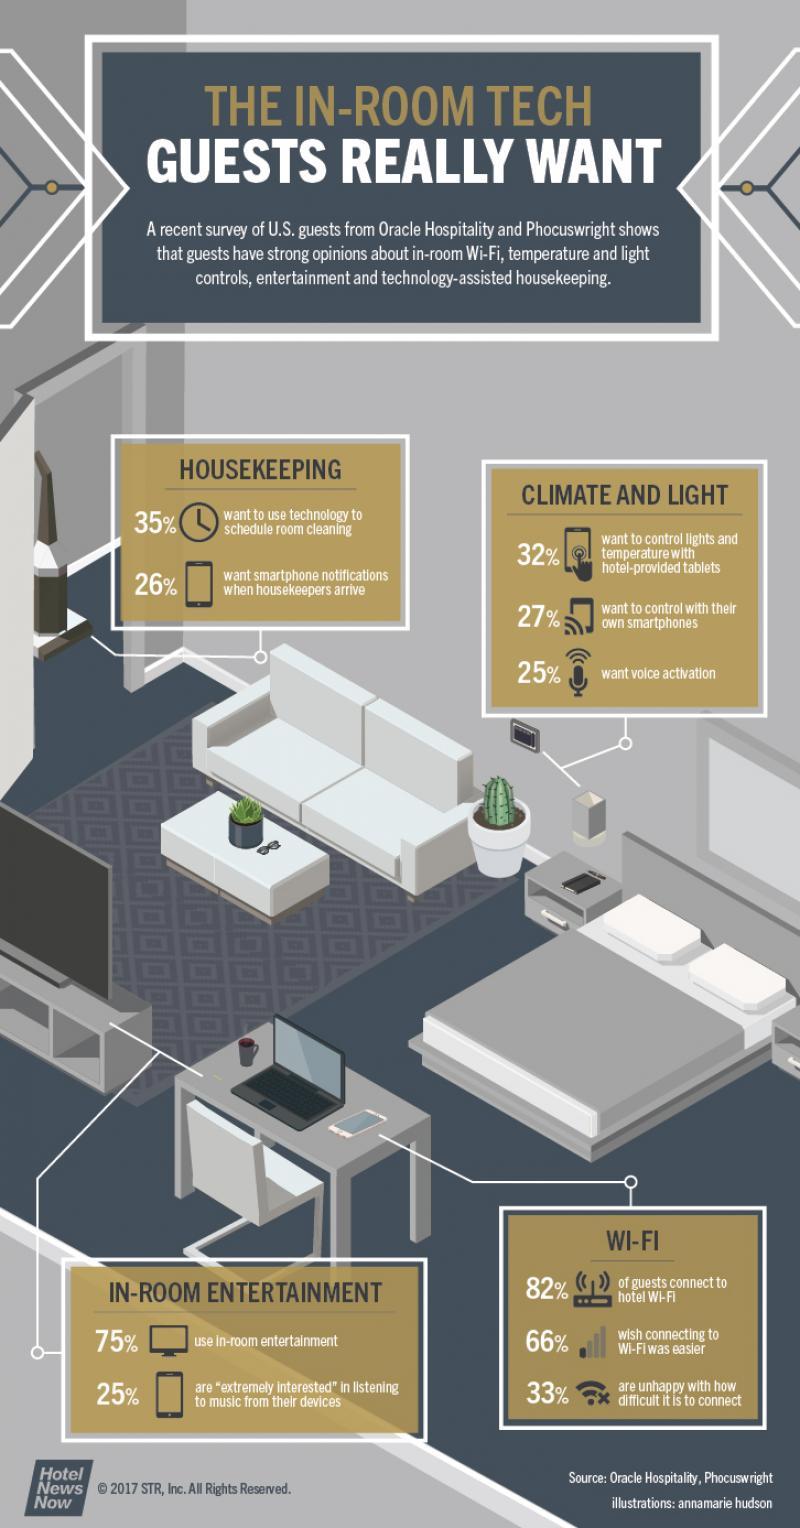 ¿Qué tecnología hotelera quiere el huésped en su habitación?